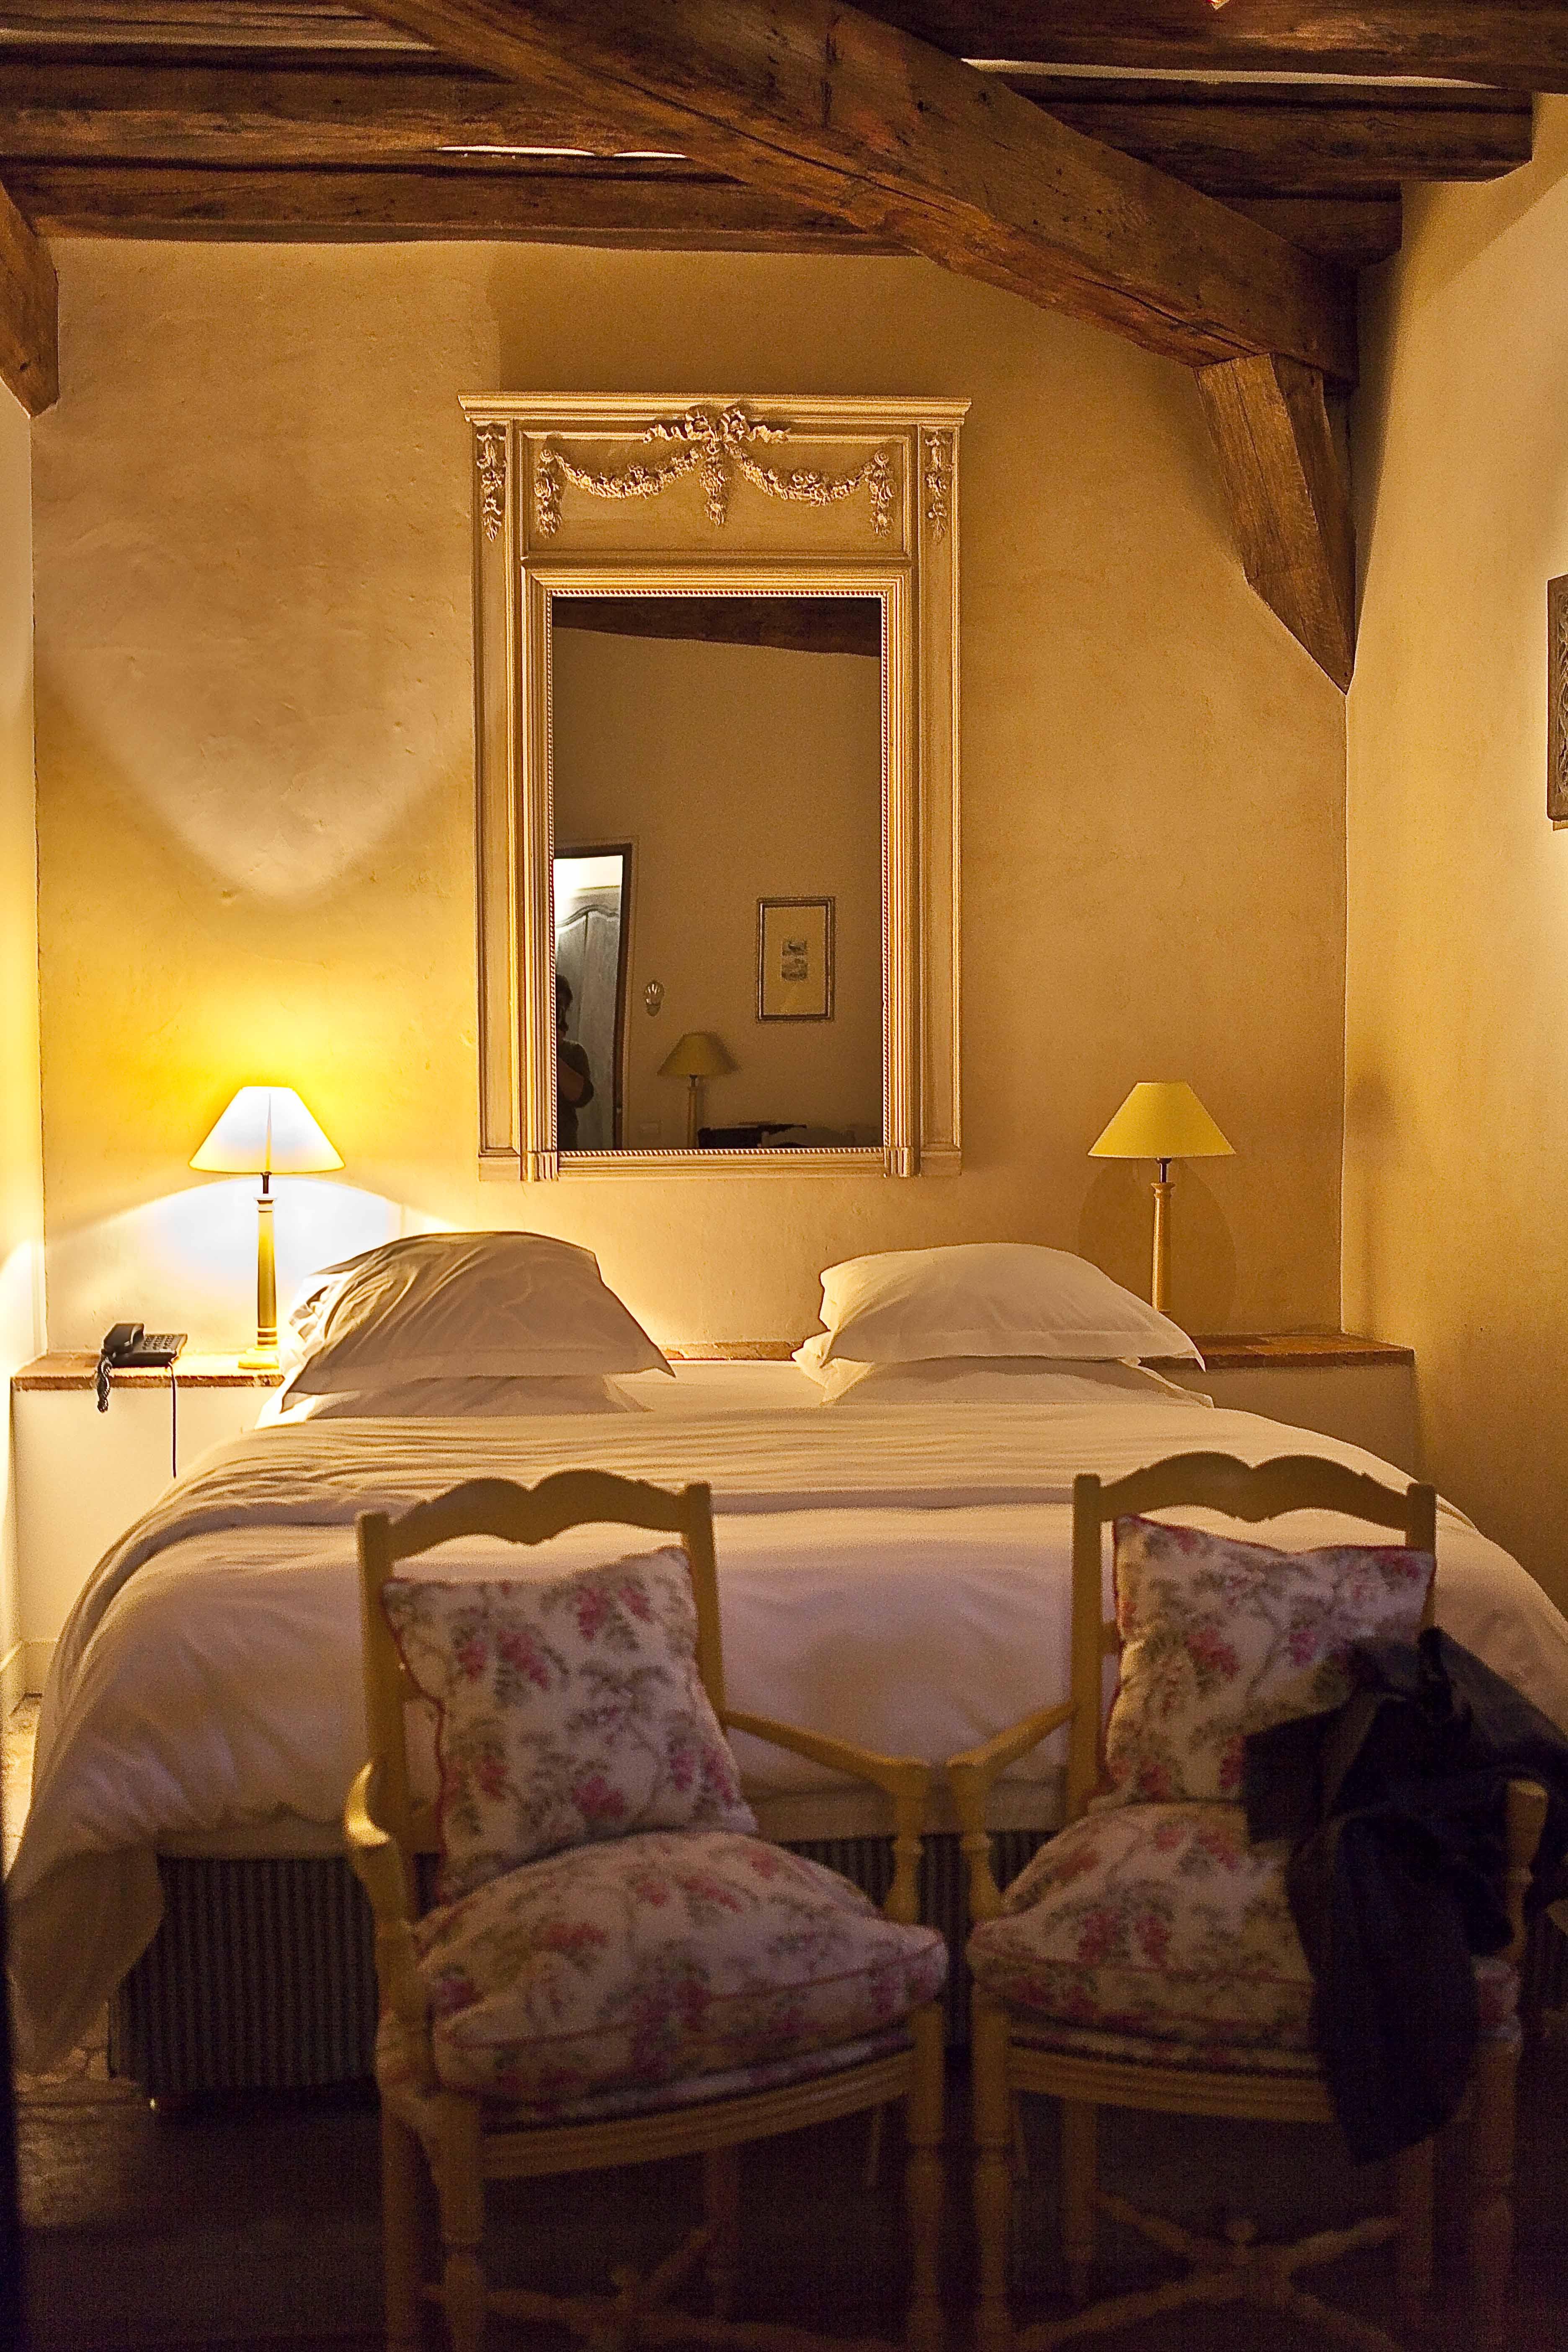 dormir troyes le champs des oiseaux ducasse hotels panier de saison. Black Bedroom Furniture Sets. Home Design Ideas